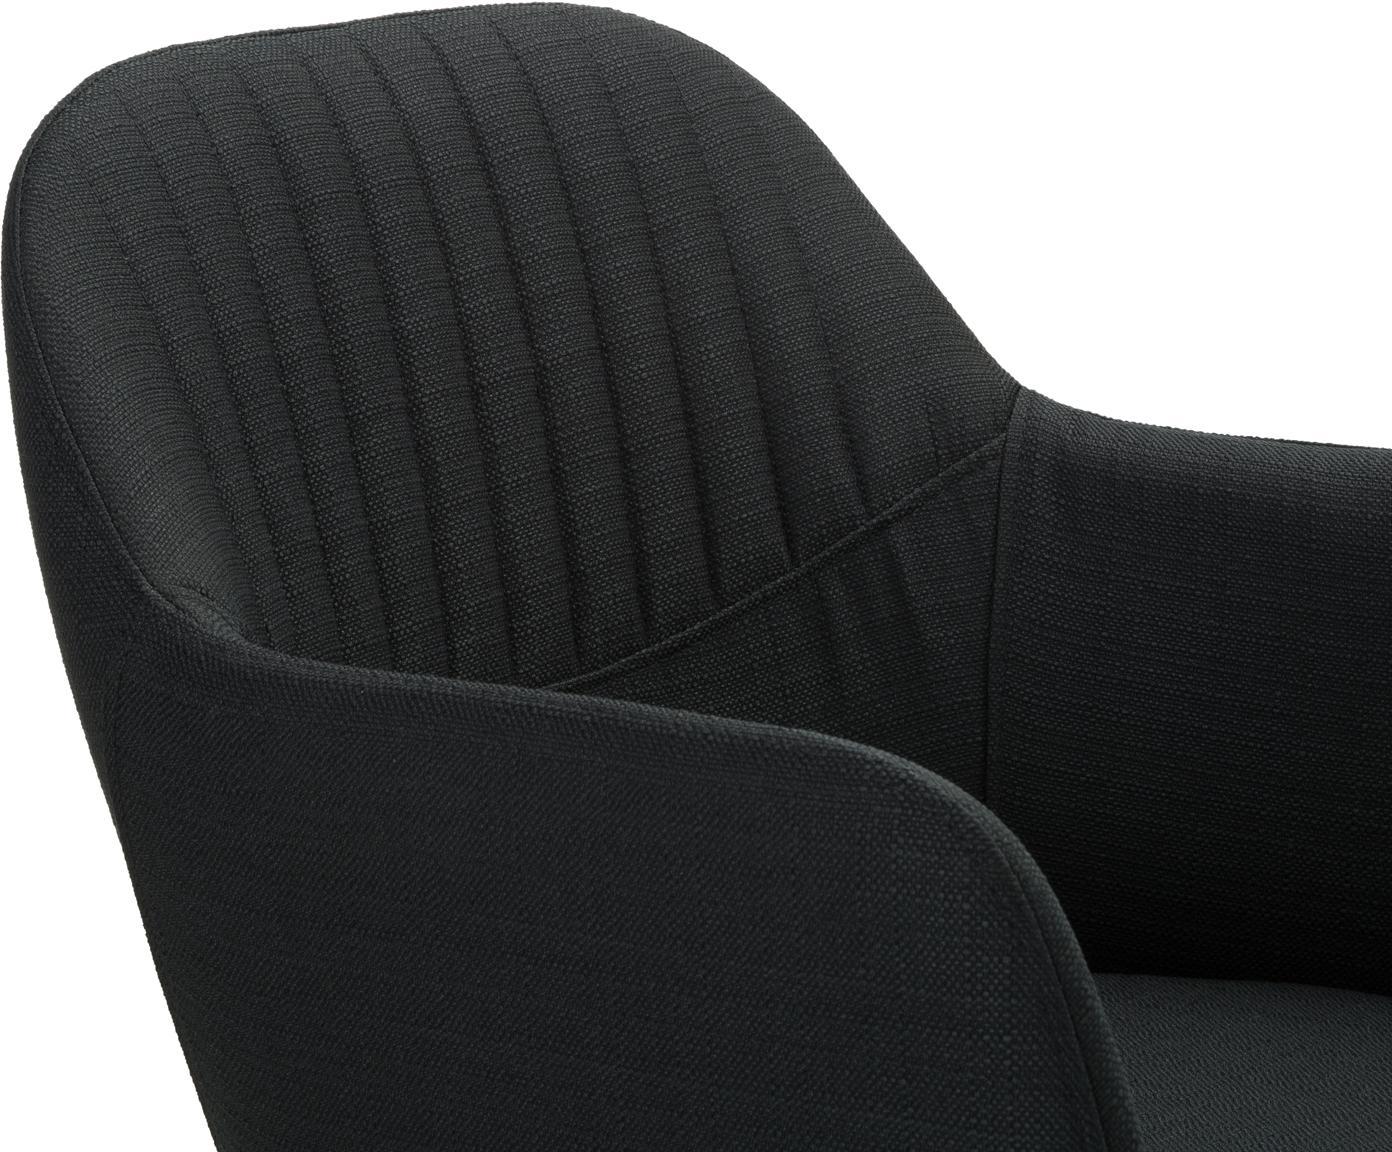 Tapicerowane krzesło obrotowe z podłokietnikami Lola, Tapicerka: poliester, Nogi: metal malowany proszkowo, Czarny, S 55 x G 52 cm